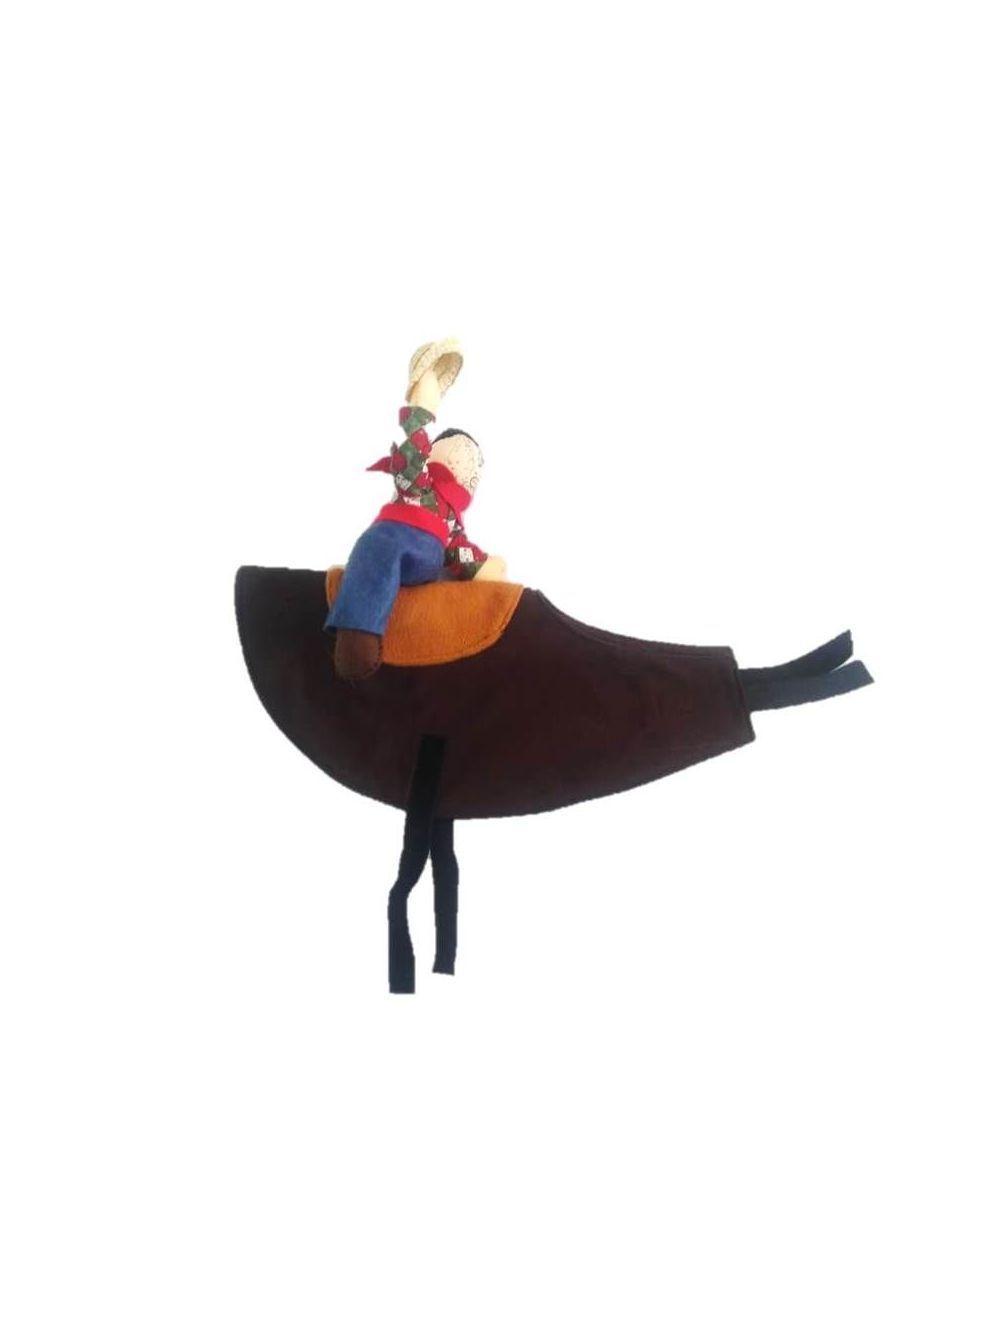 Disfraz Vaquero alocado ajustable Talla S- M - PRSR